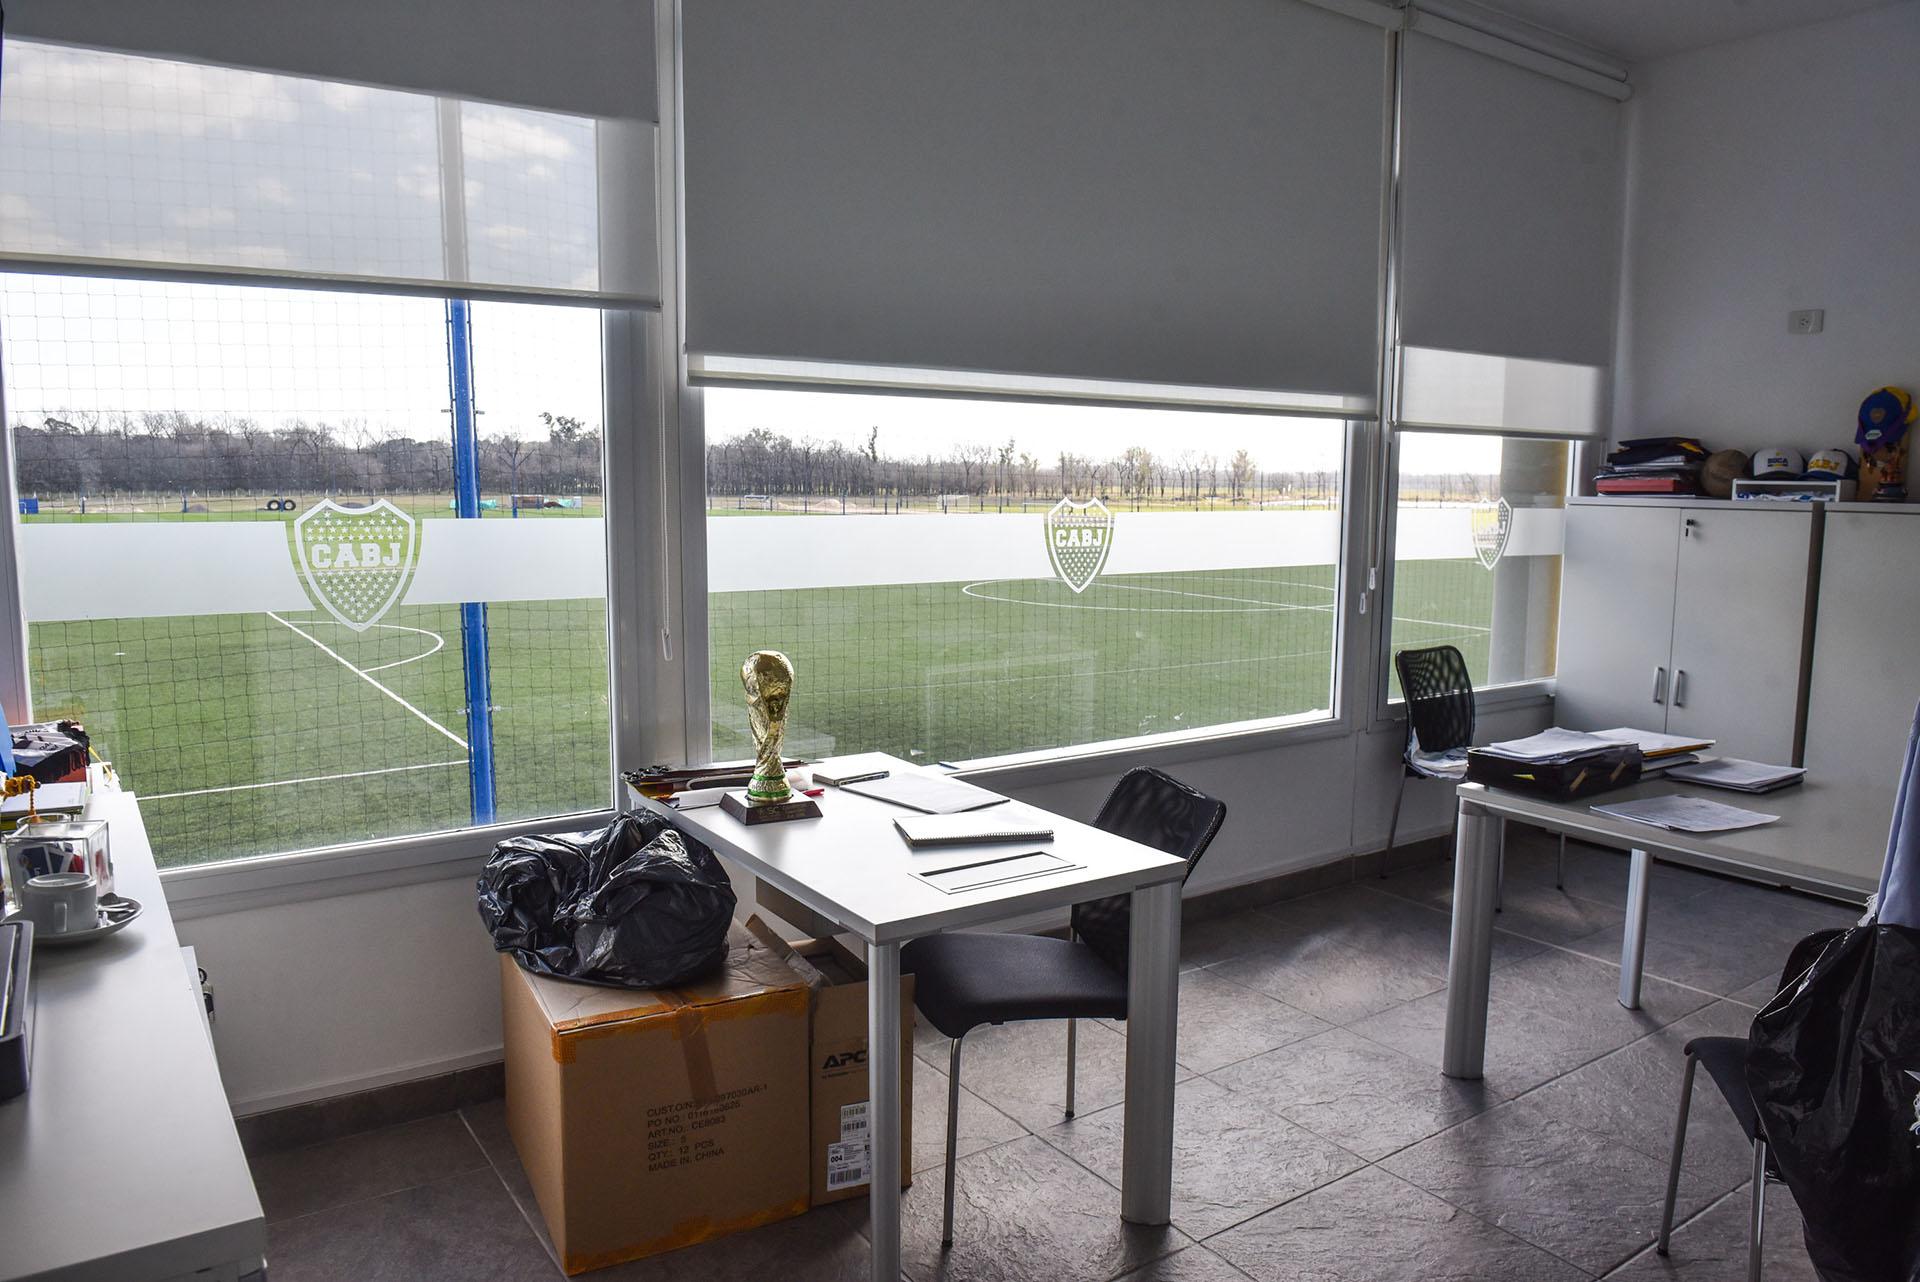 La Reserva, las categorías de la Cuarta hasta la Novena y las infantiles trabajan en el centro de entrenamiento de Ezeiza (Guille Llamos)